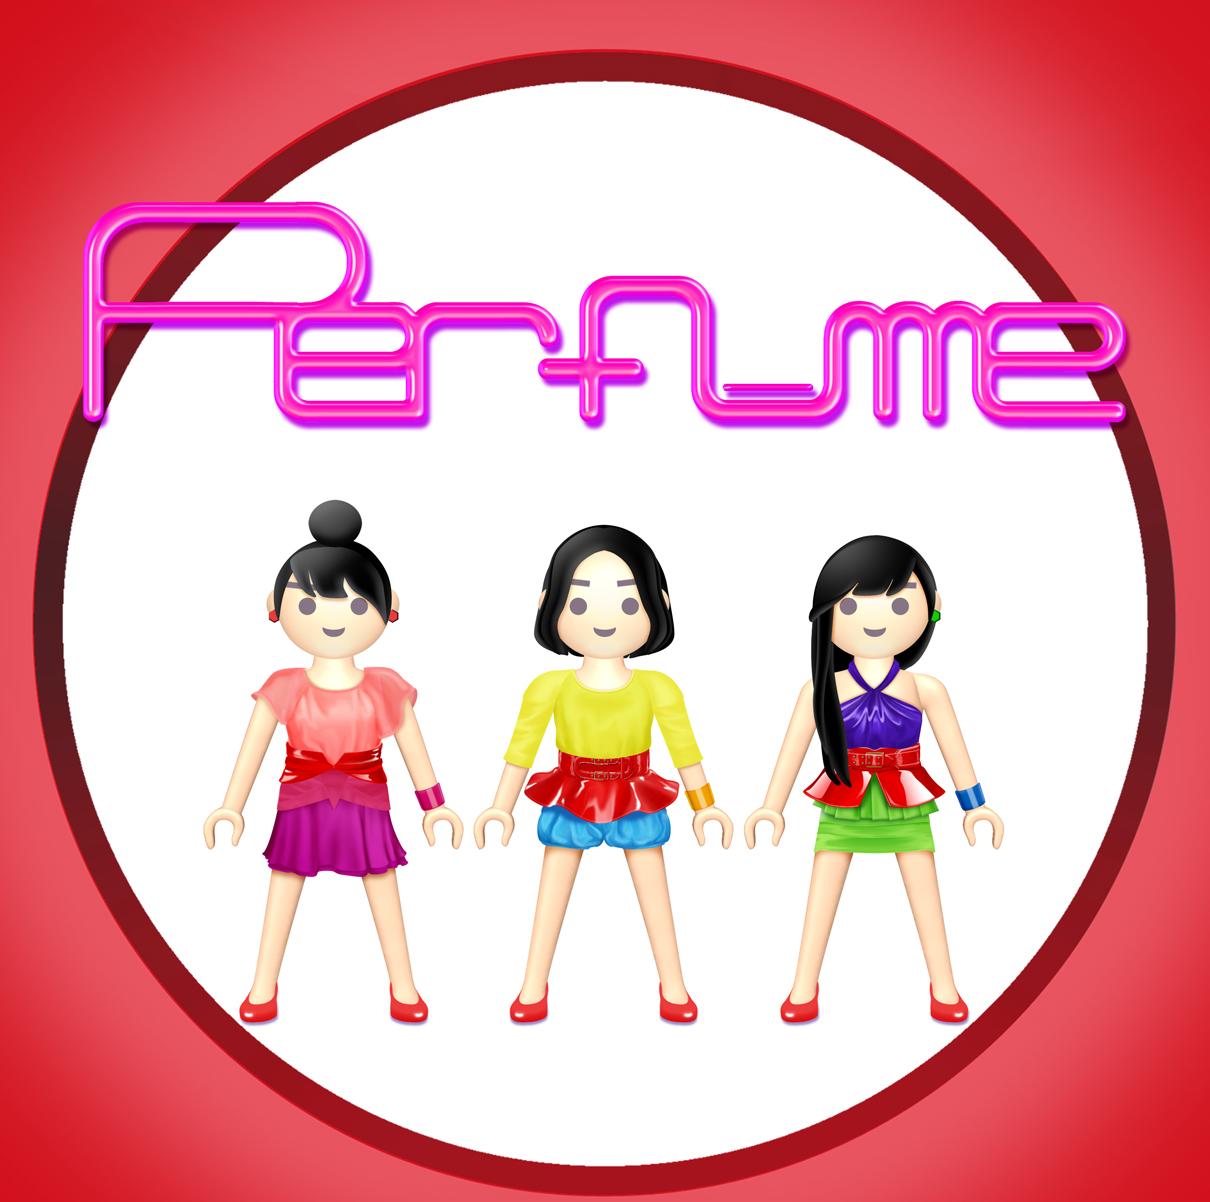 Perfume_イラスト プレモPerfume 『スパイス』